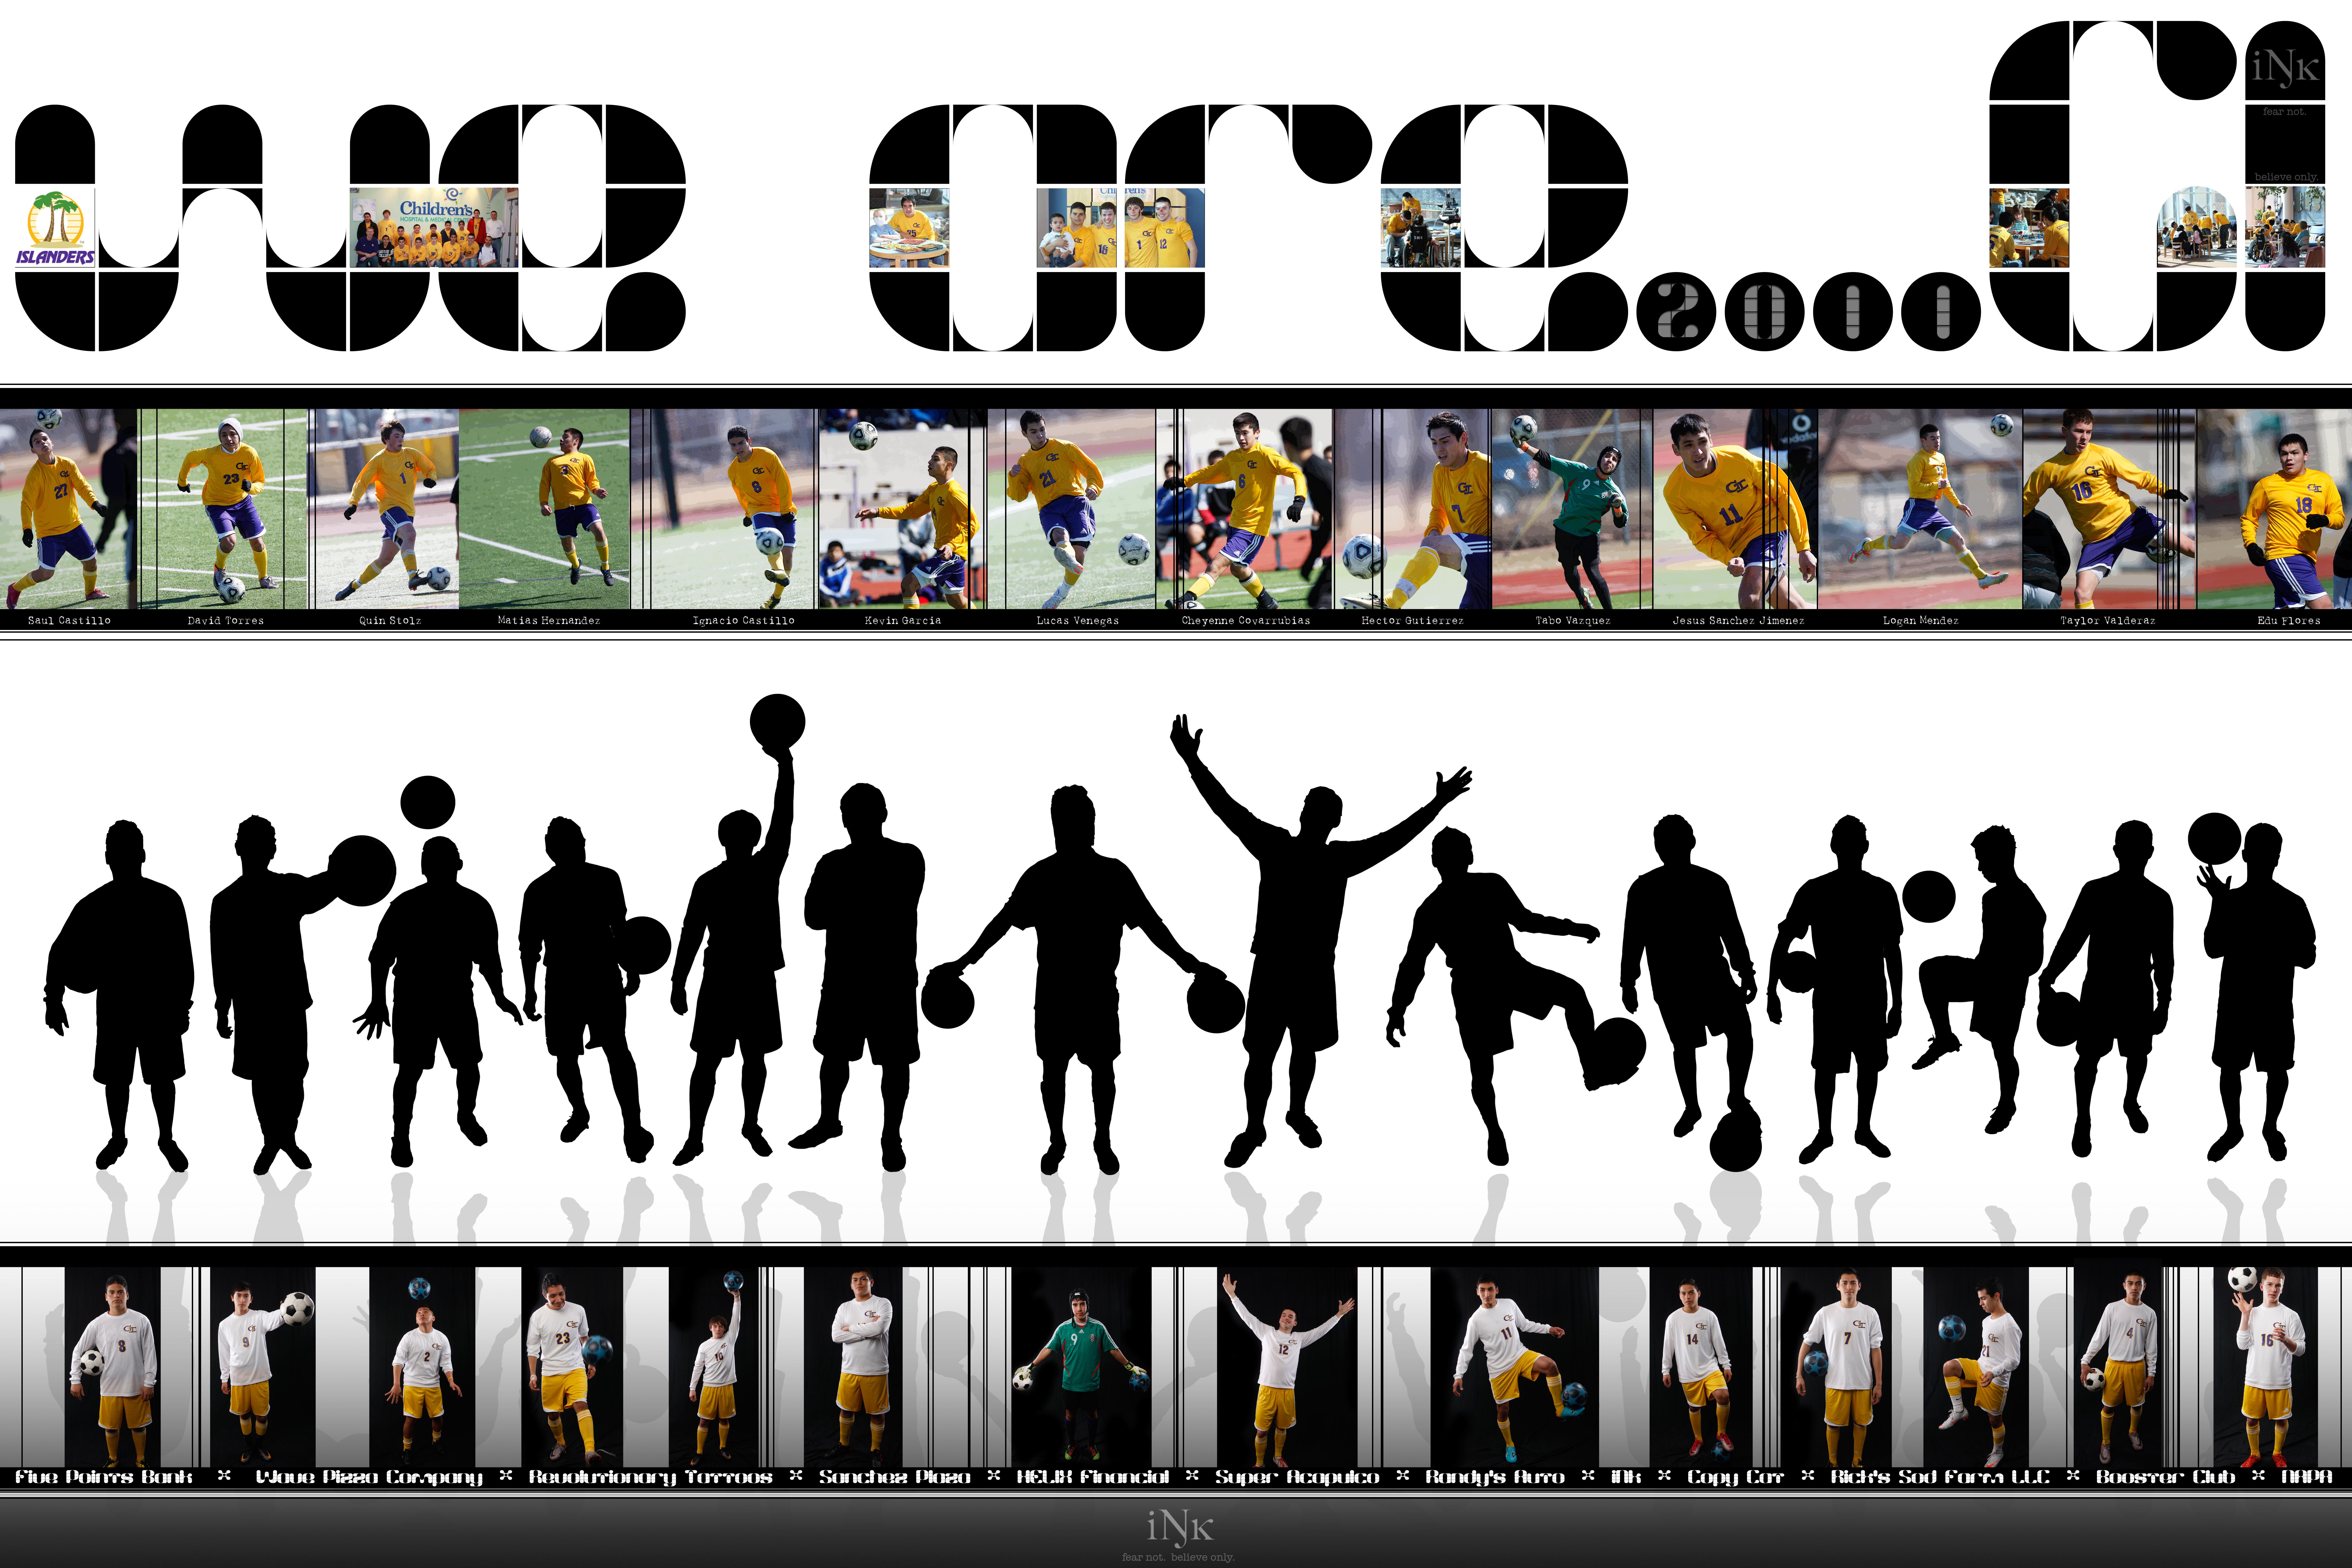 GISH_Soccer_2011_Poster